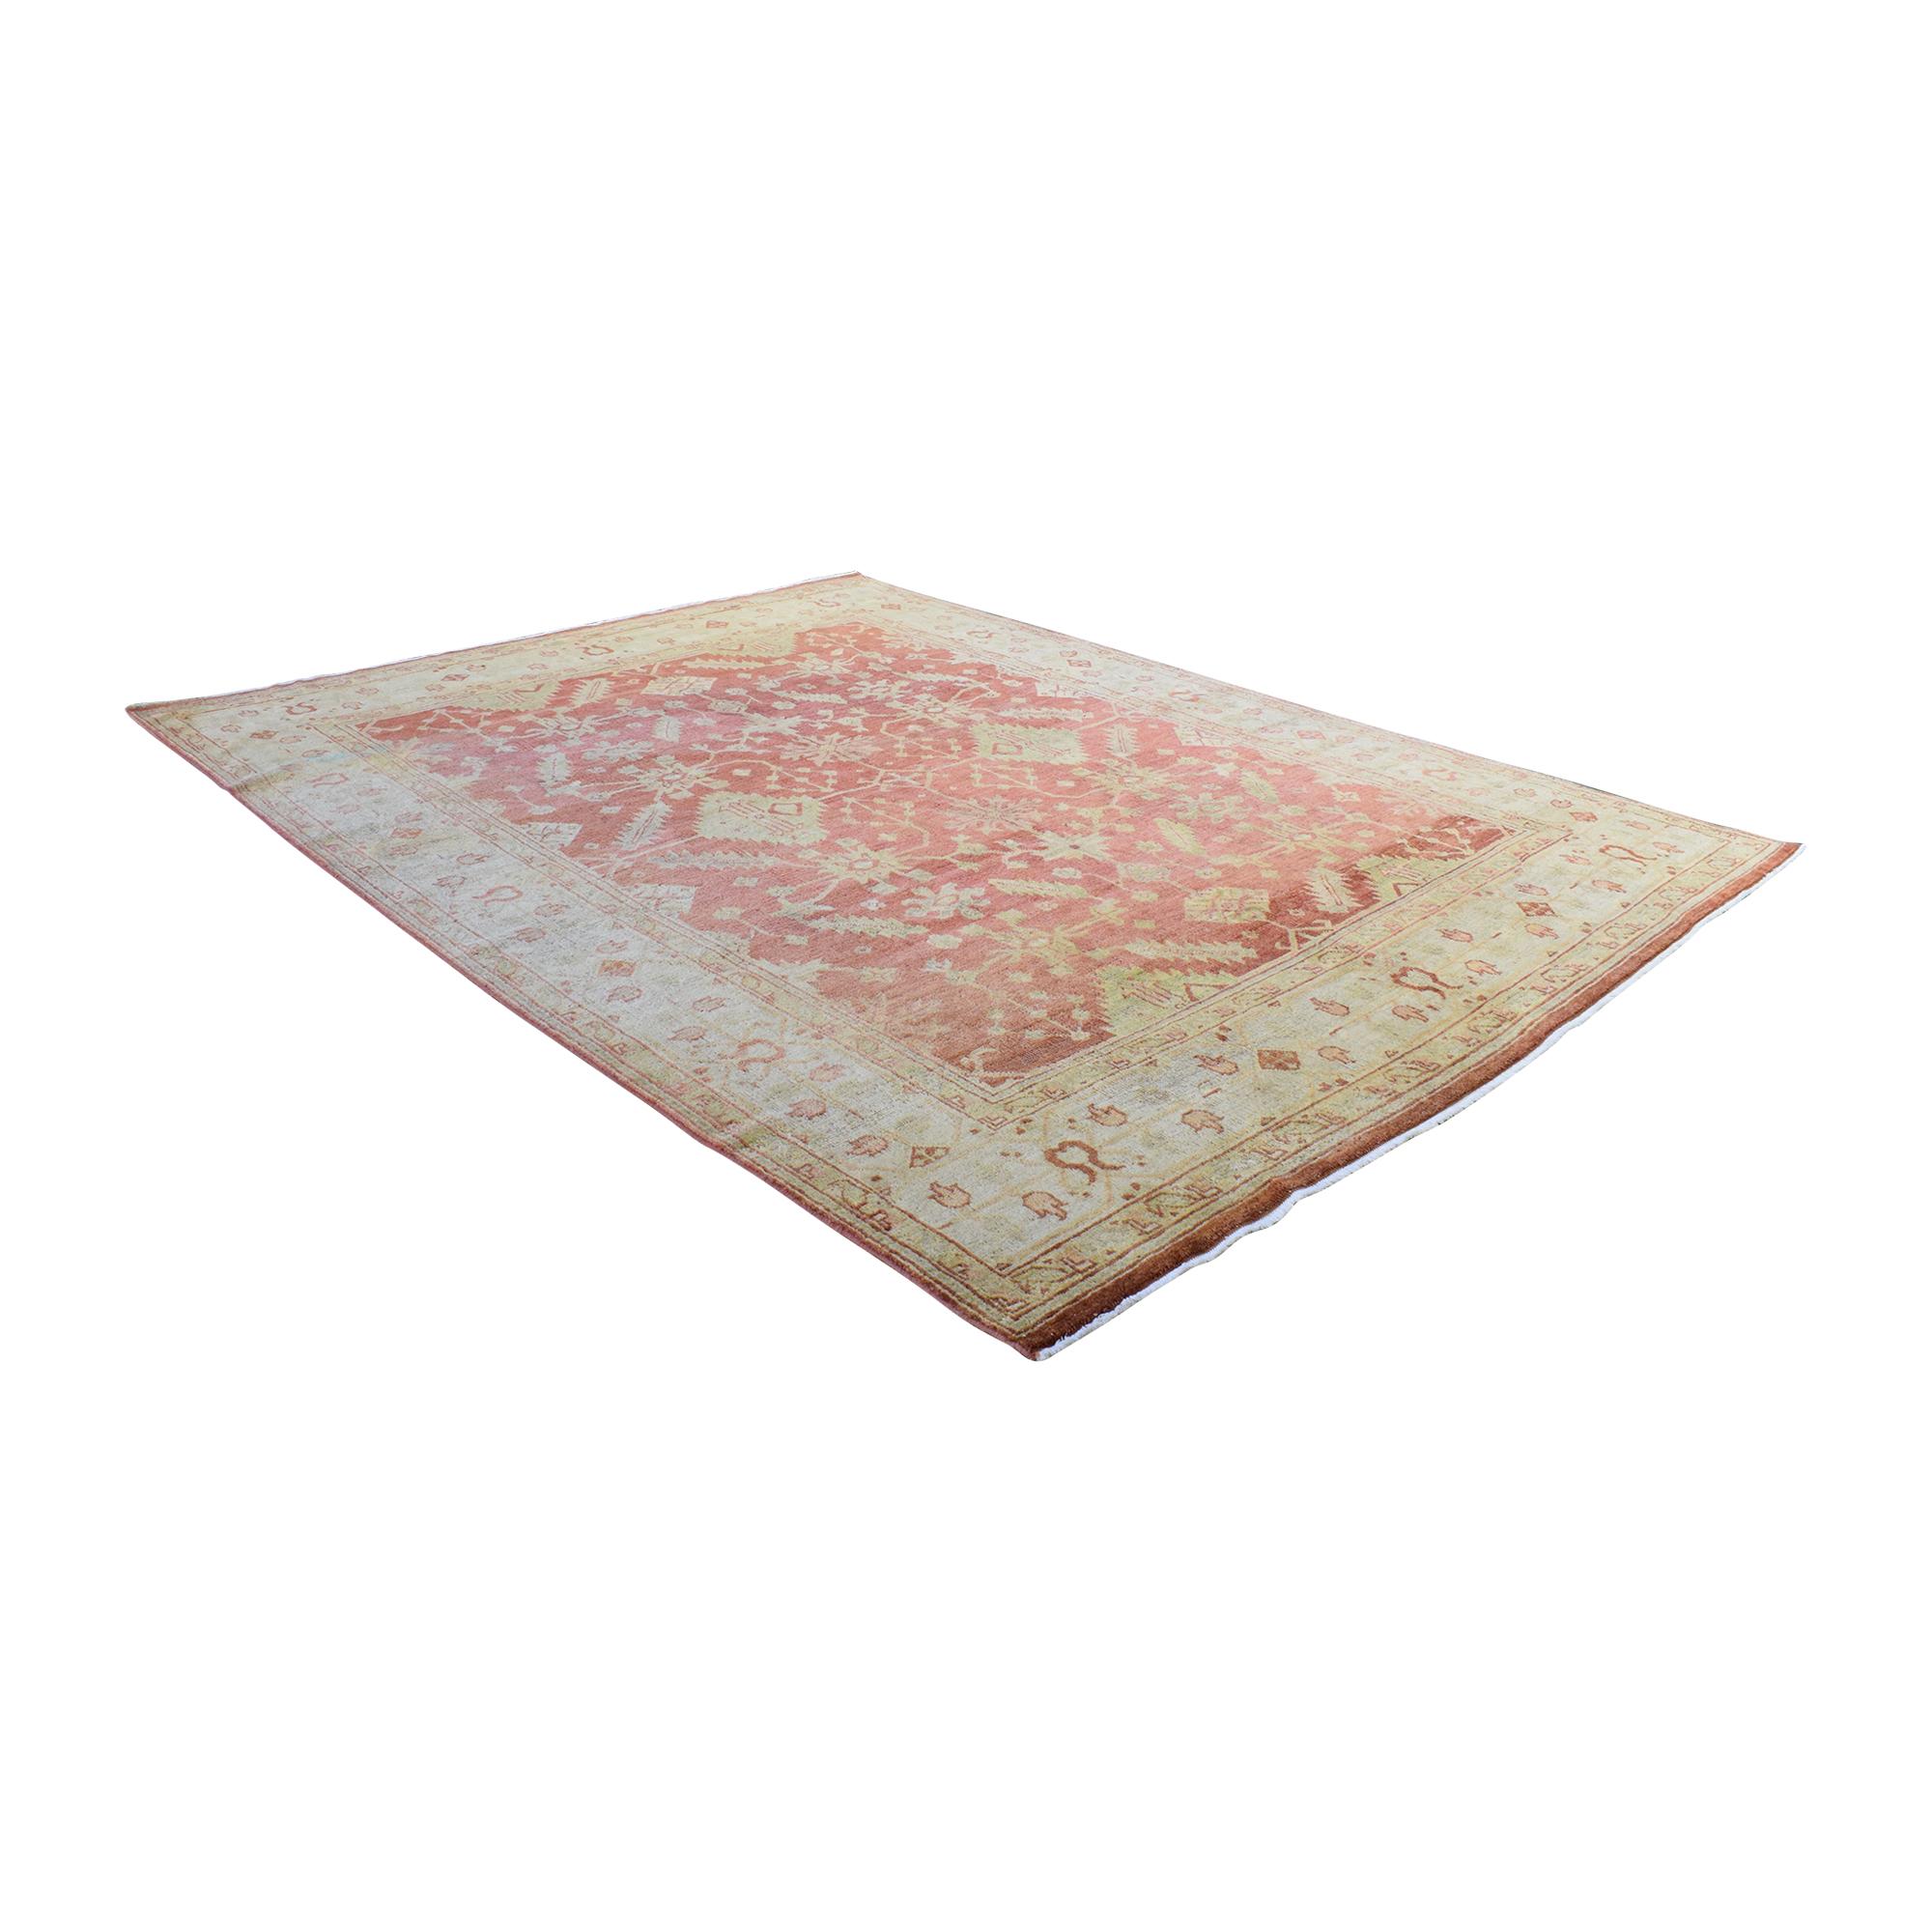 ABC Carpet & Home ABC Carpet & Home Area Rug coupon